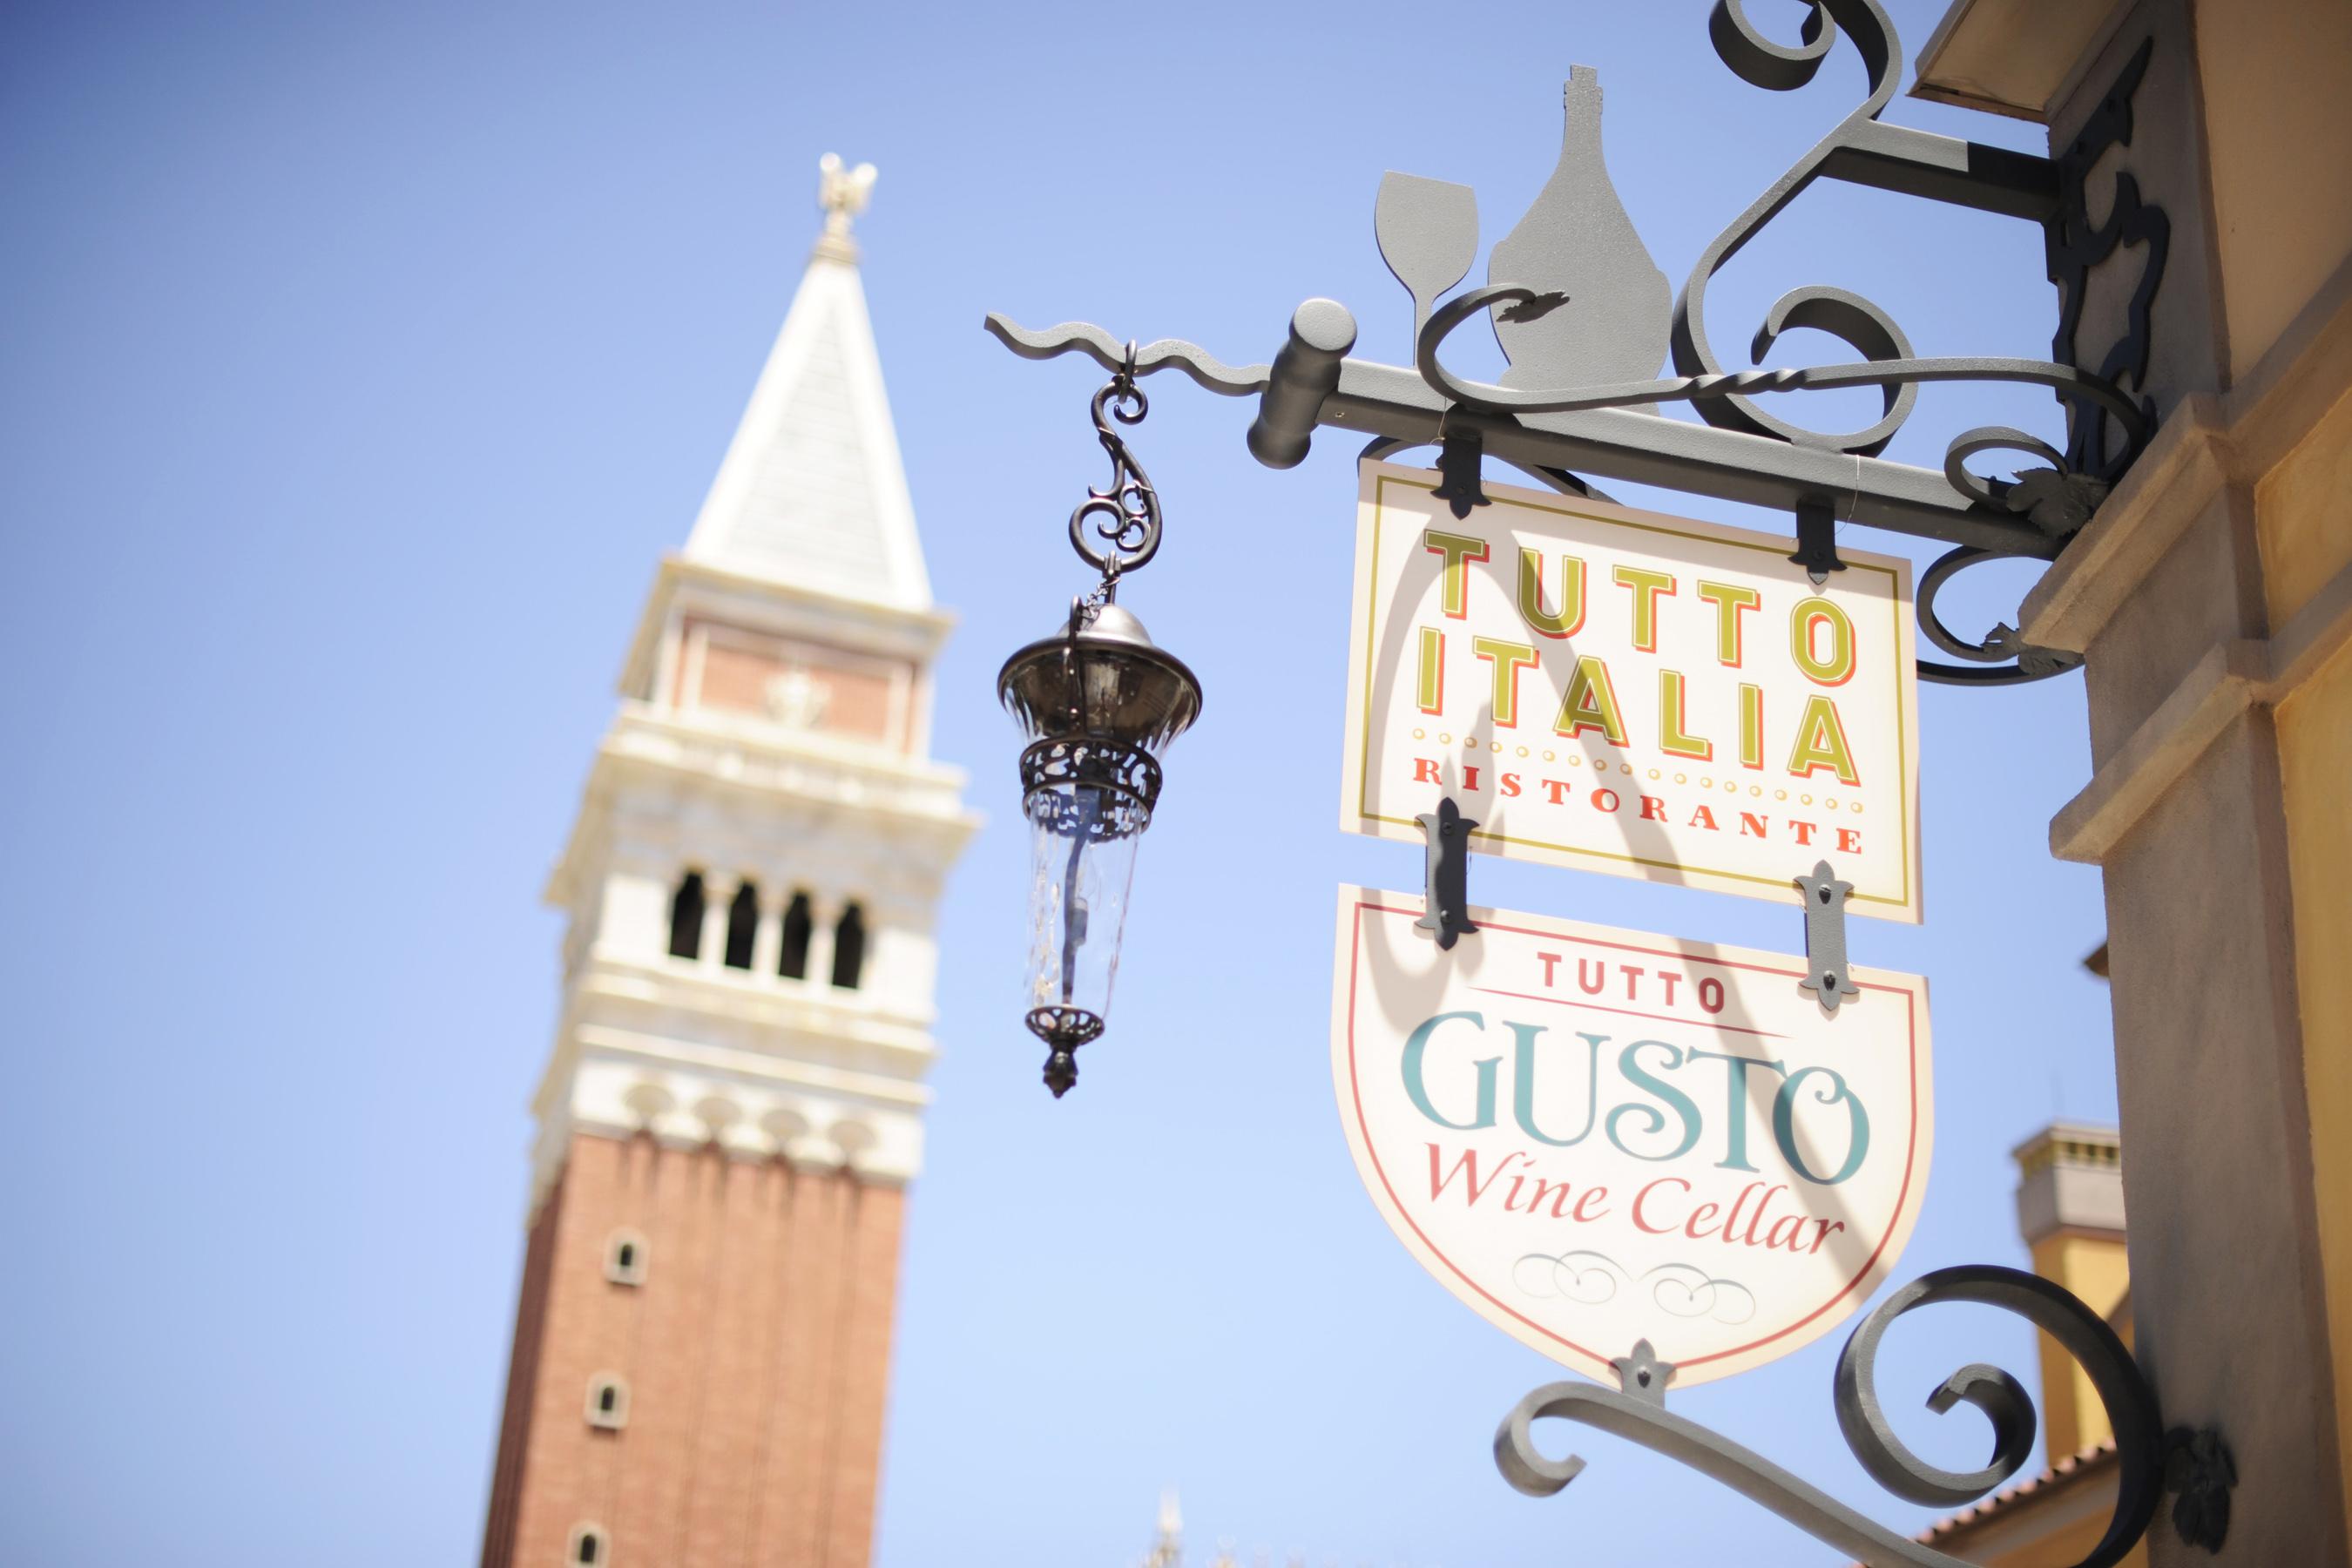 Foto da placa do Tutto Italia, com a torre do pavilhão da Itália no Epcot ao fundo e o céu azul